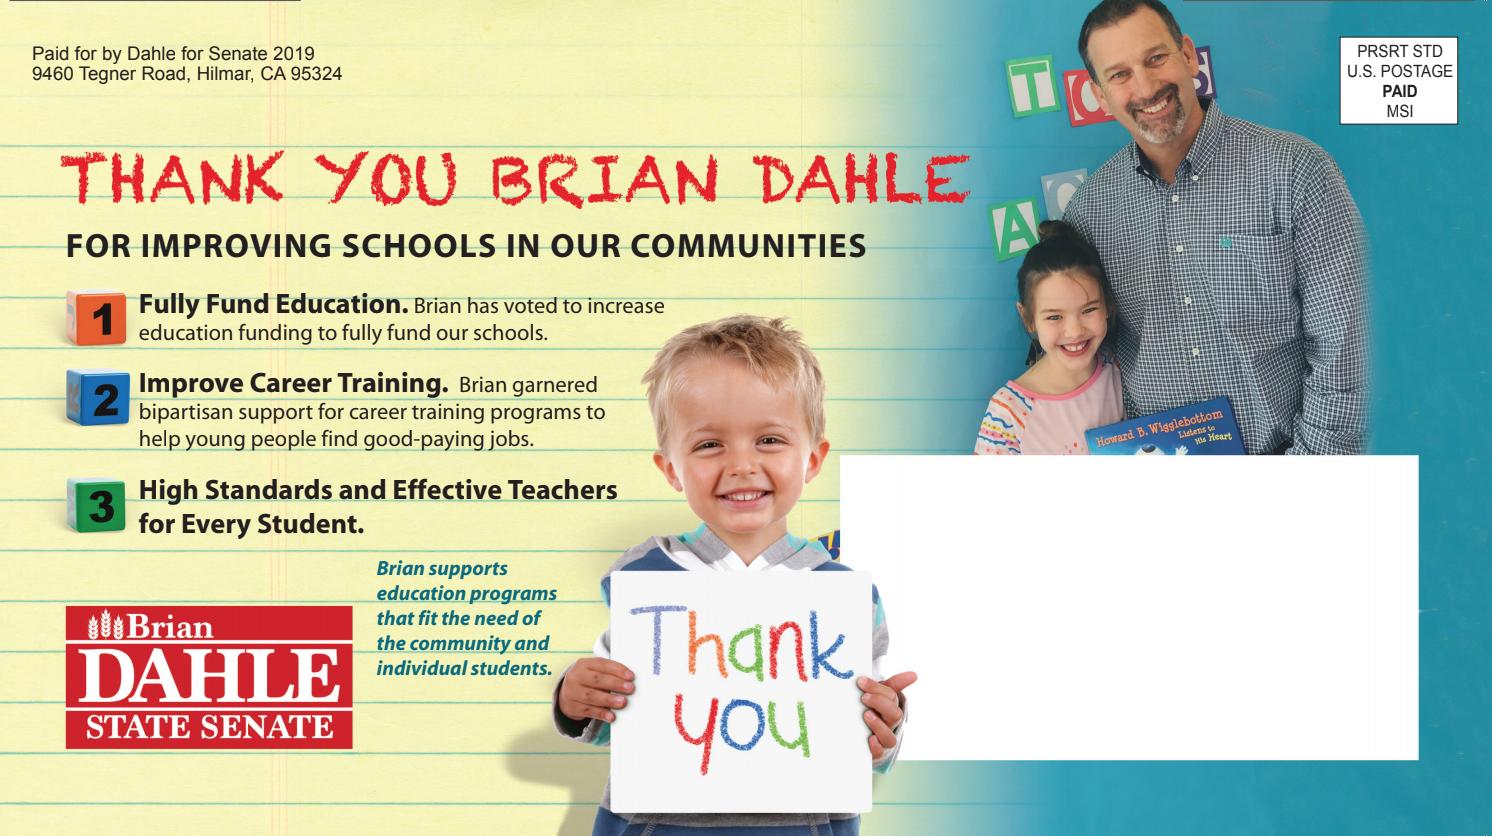 dahle_education.png